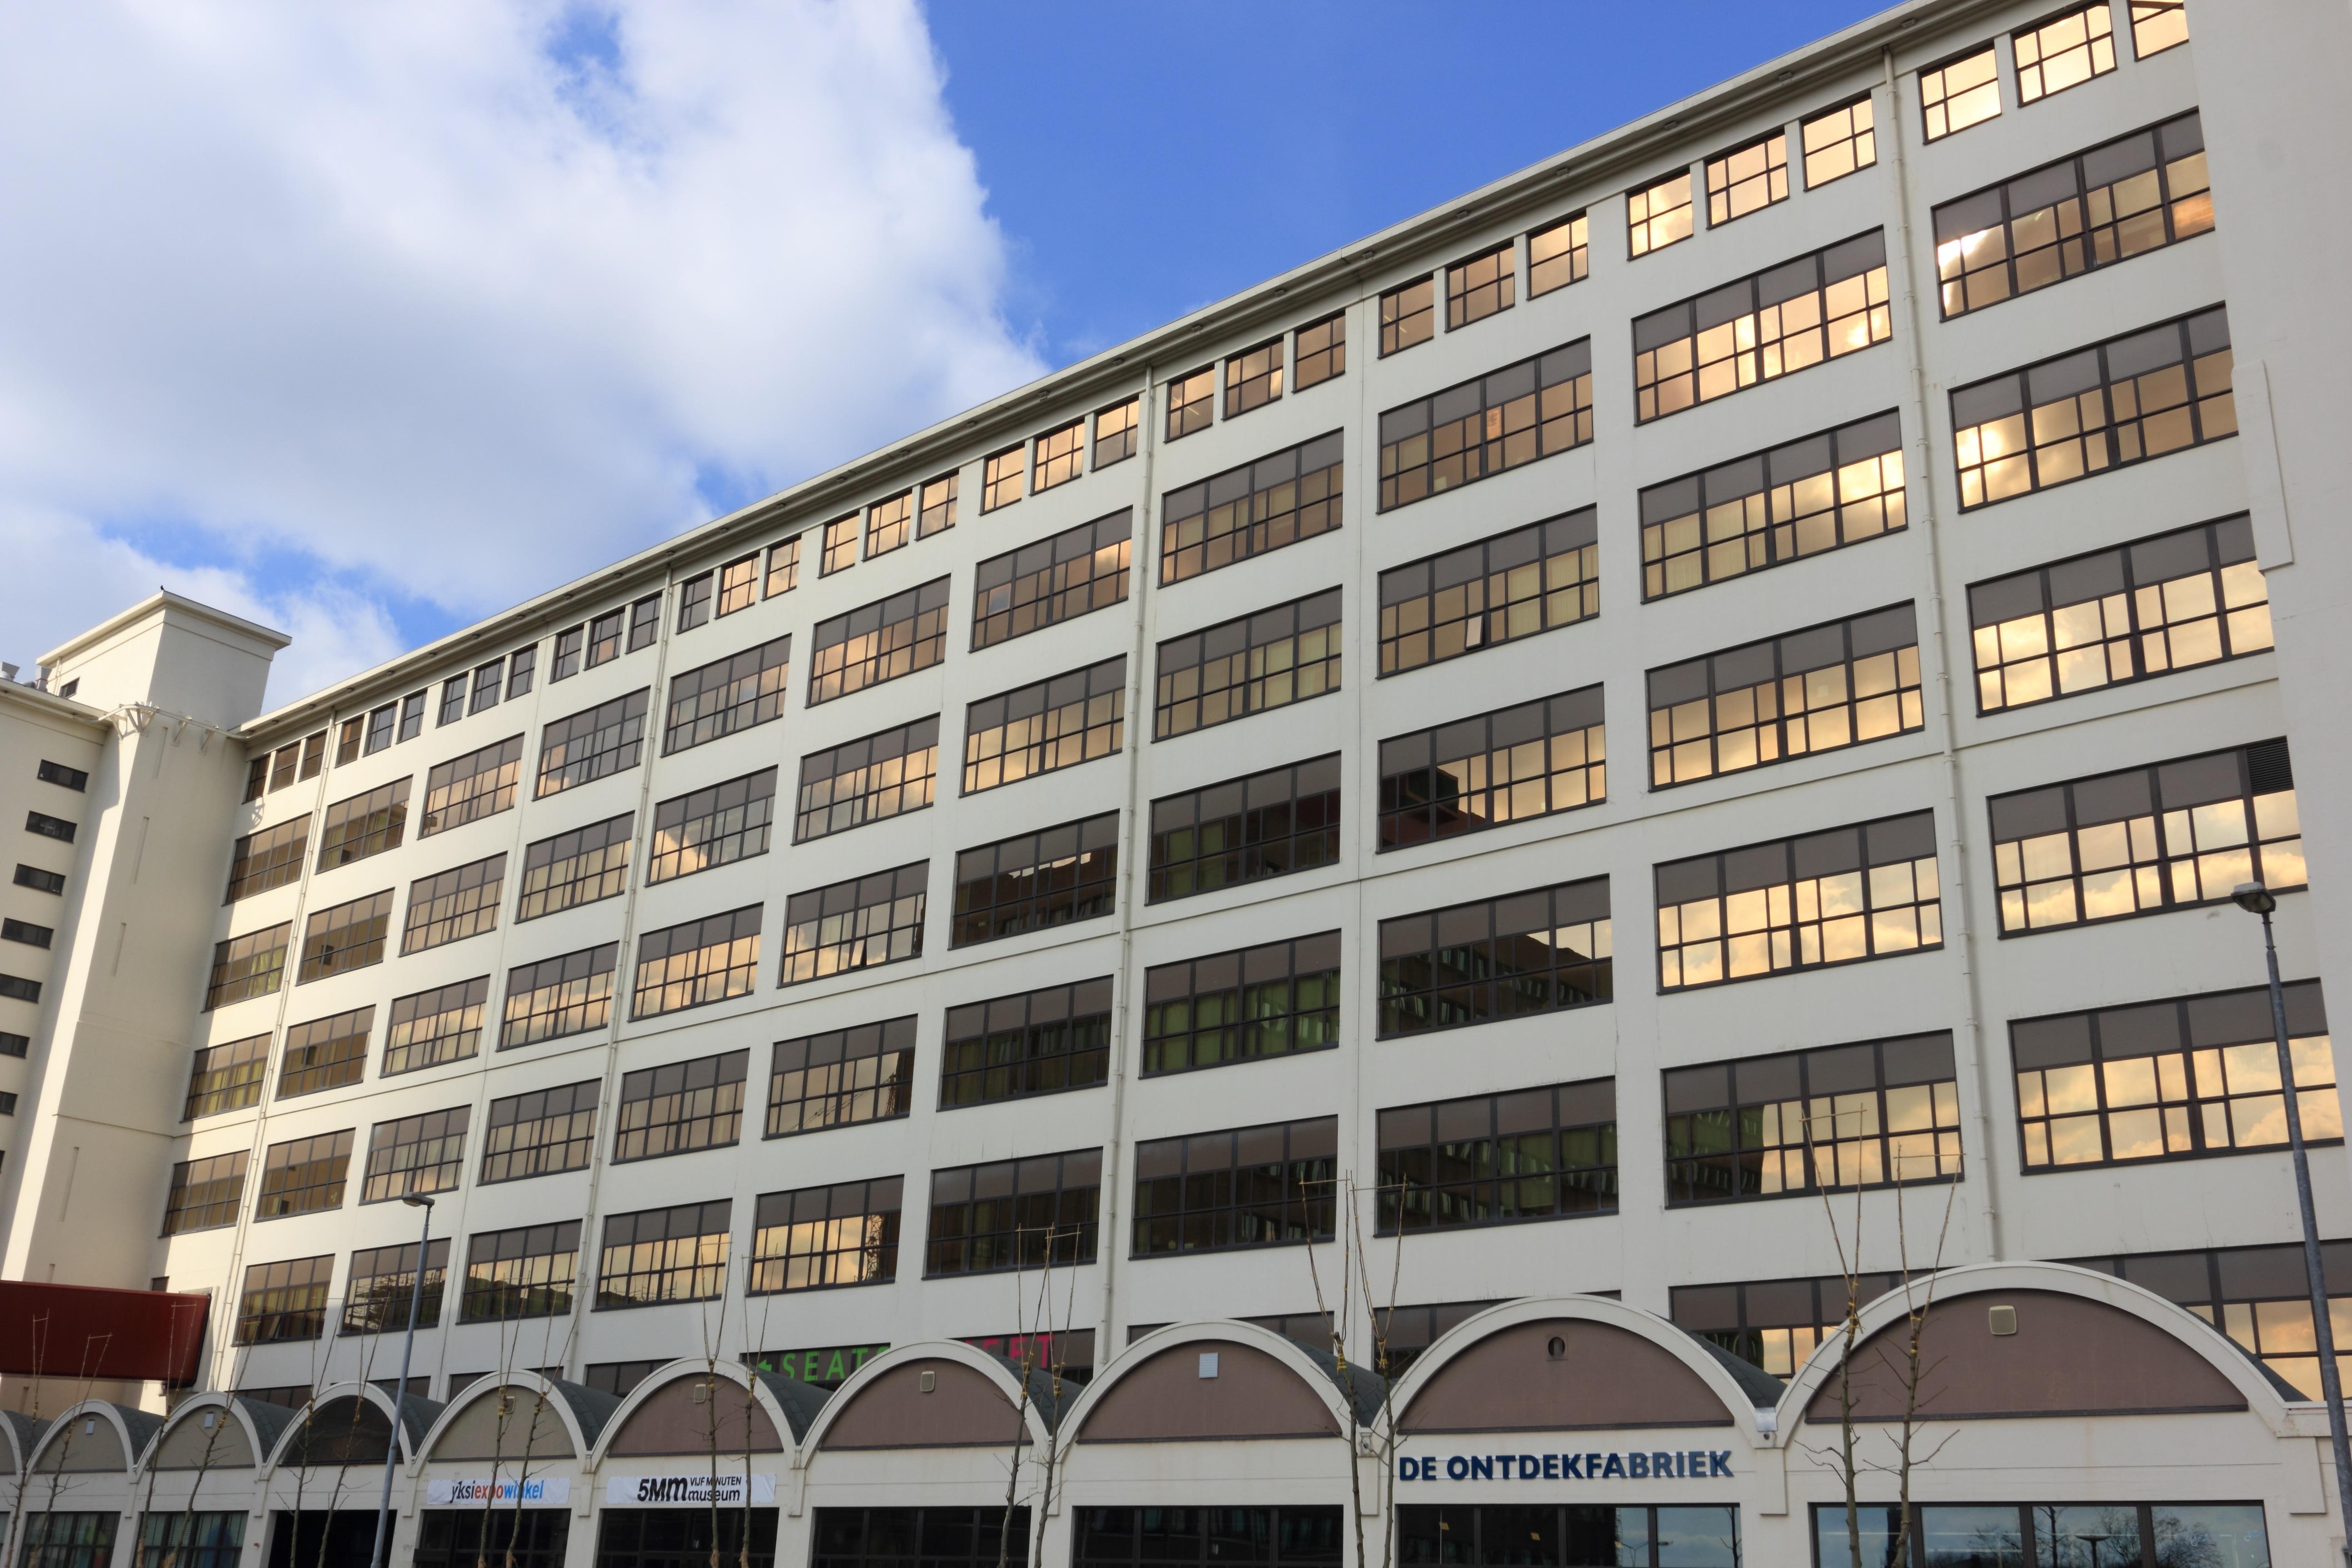 Kostenlose Foto Die Architektur Gebaude Innenstadt Plaza Buro